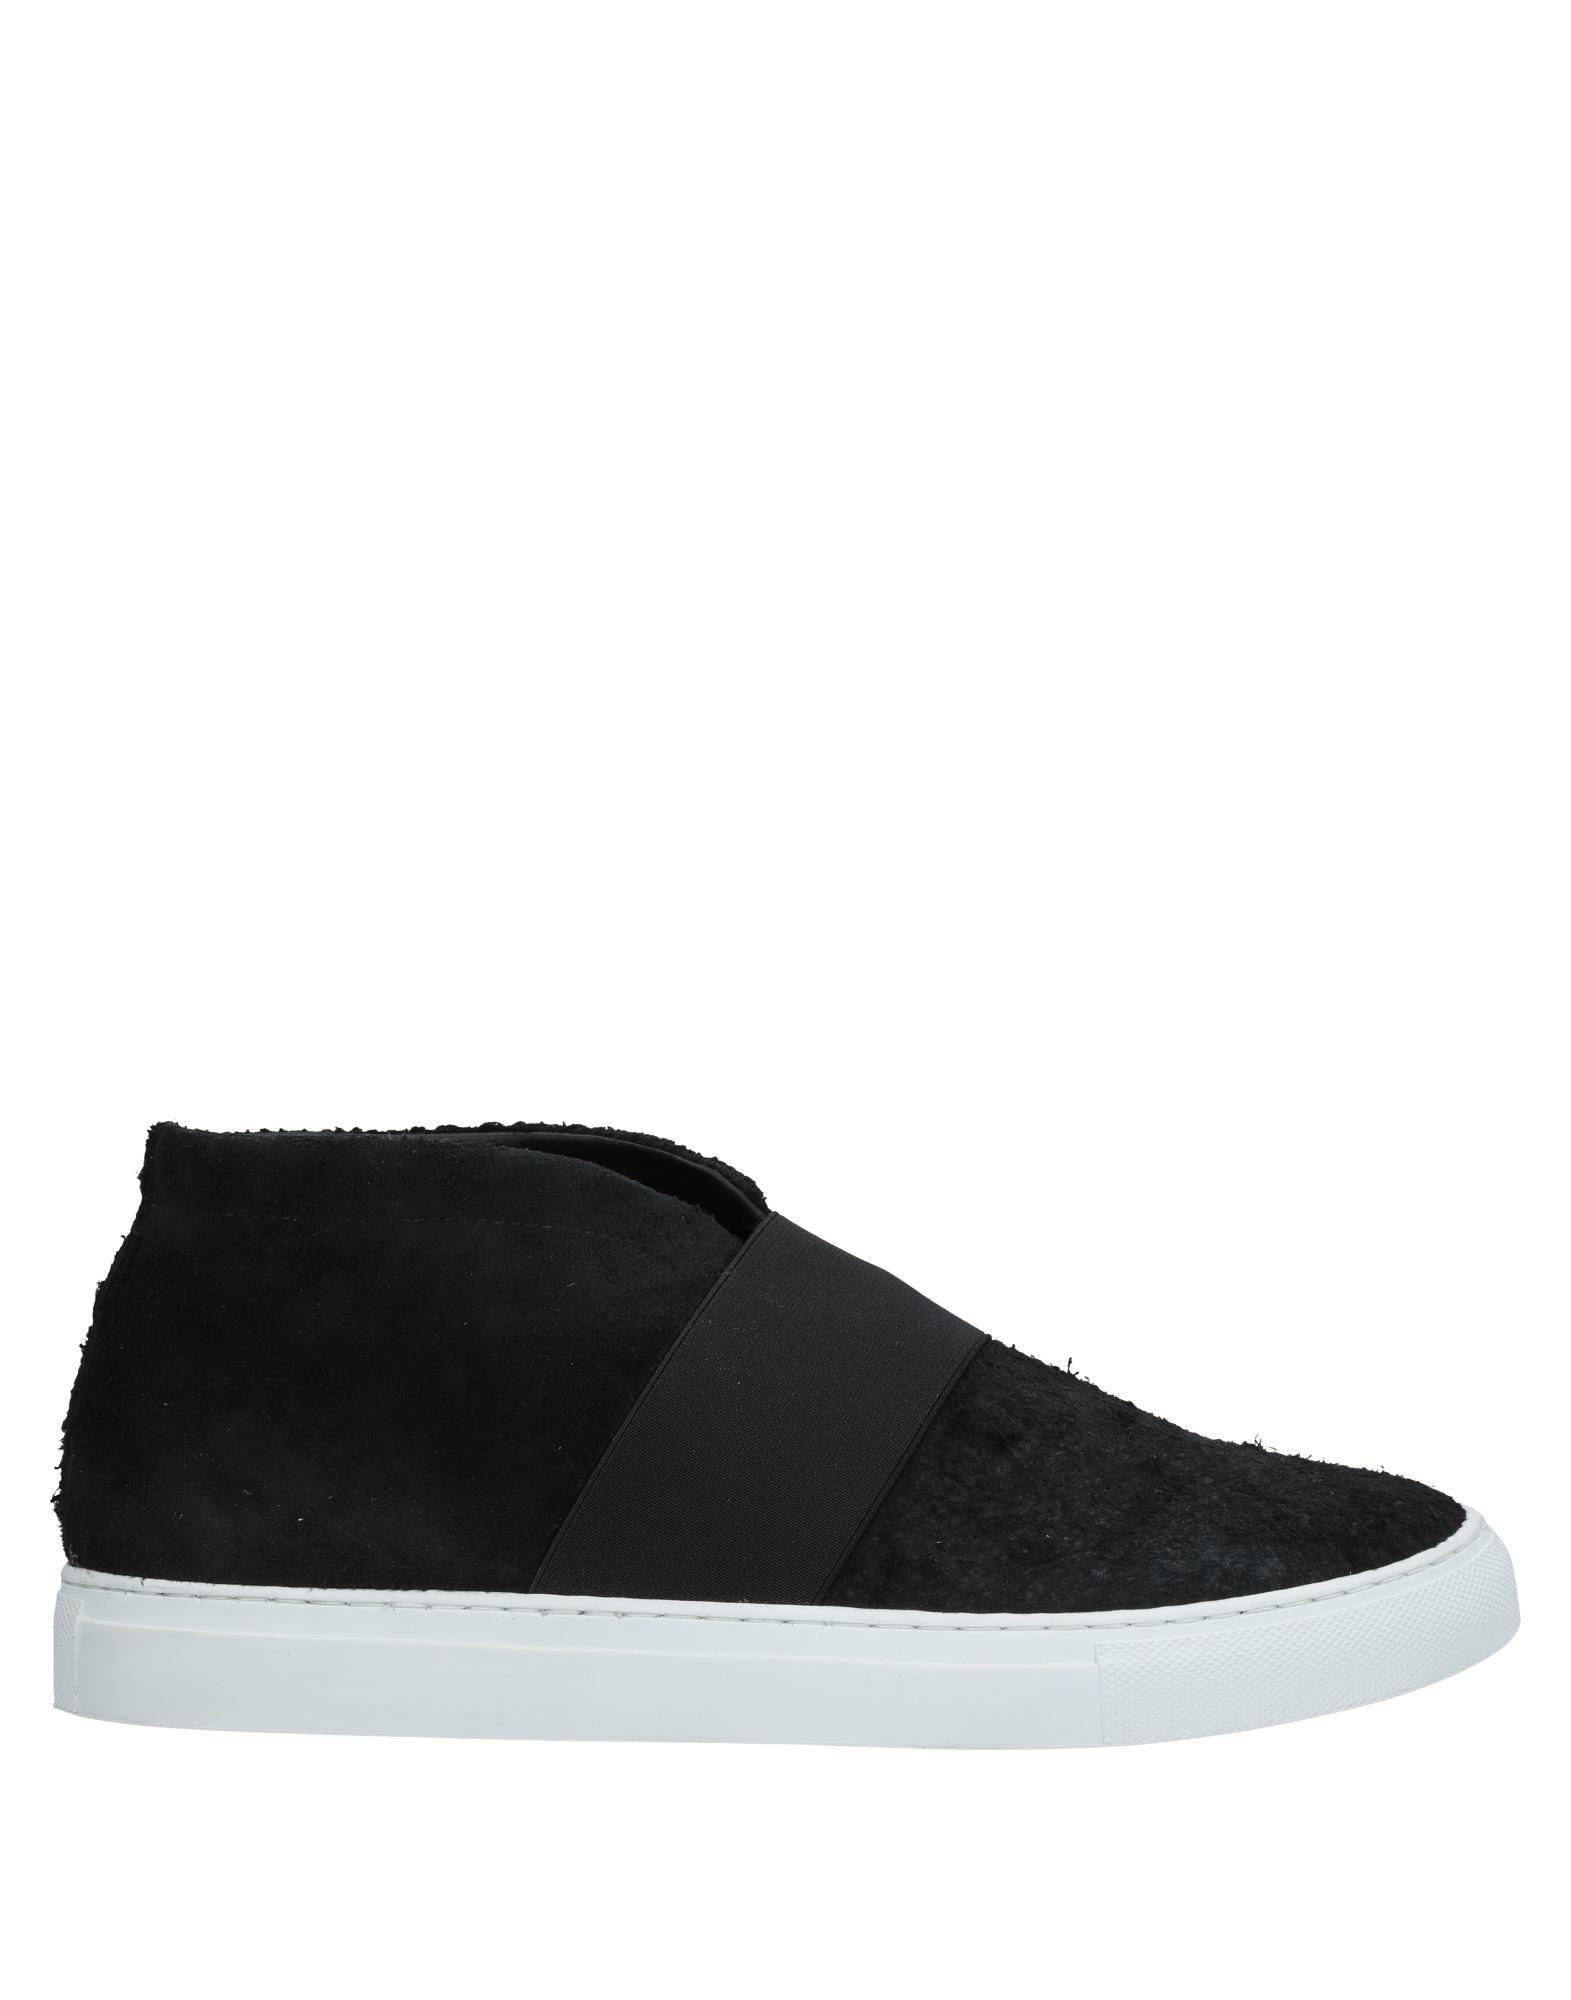 Diemme Sneakers Herren Qualität  11537764SI Gute Qualität Herren beliebte Schuhe b78a80